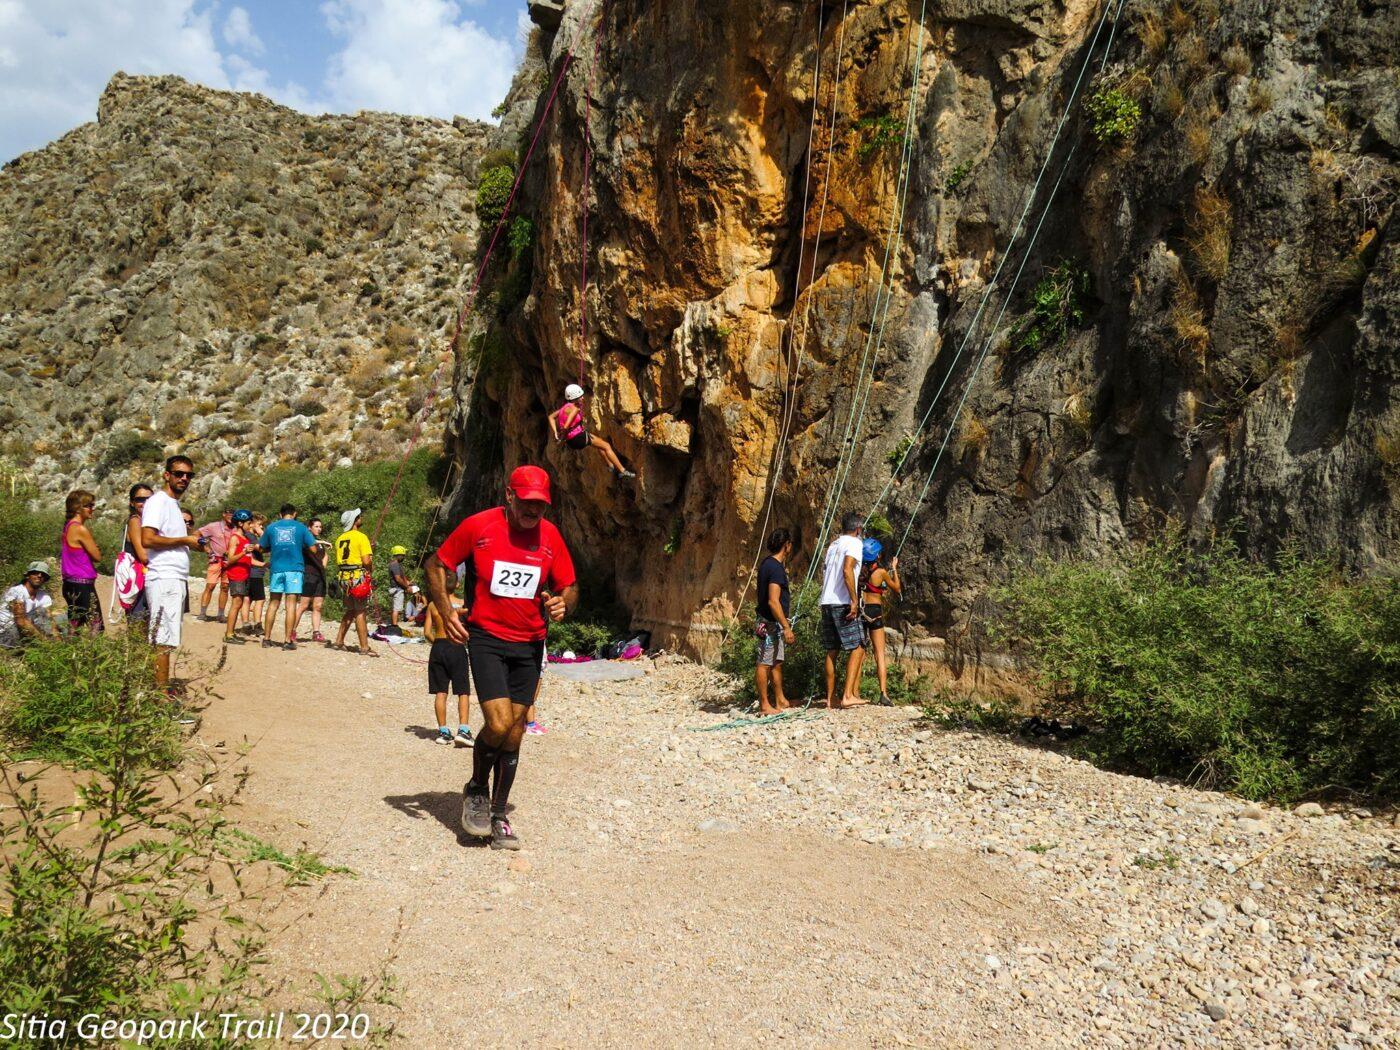 Sitia Geopark Trail